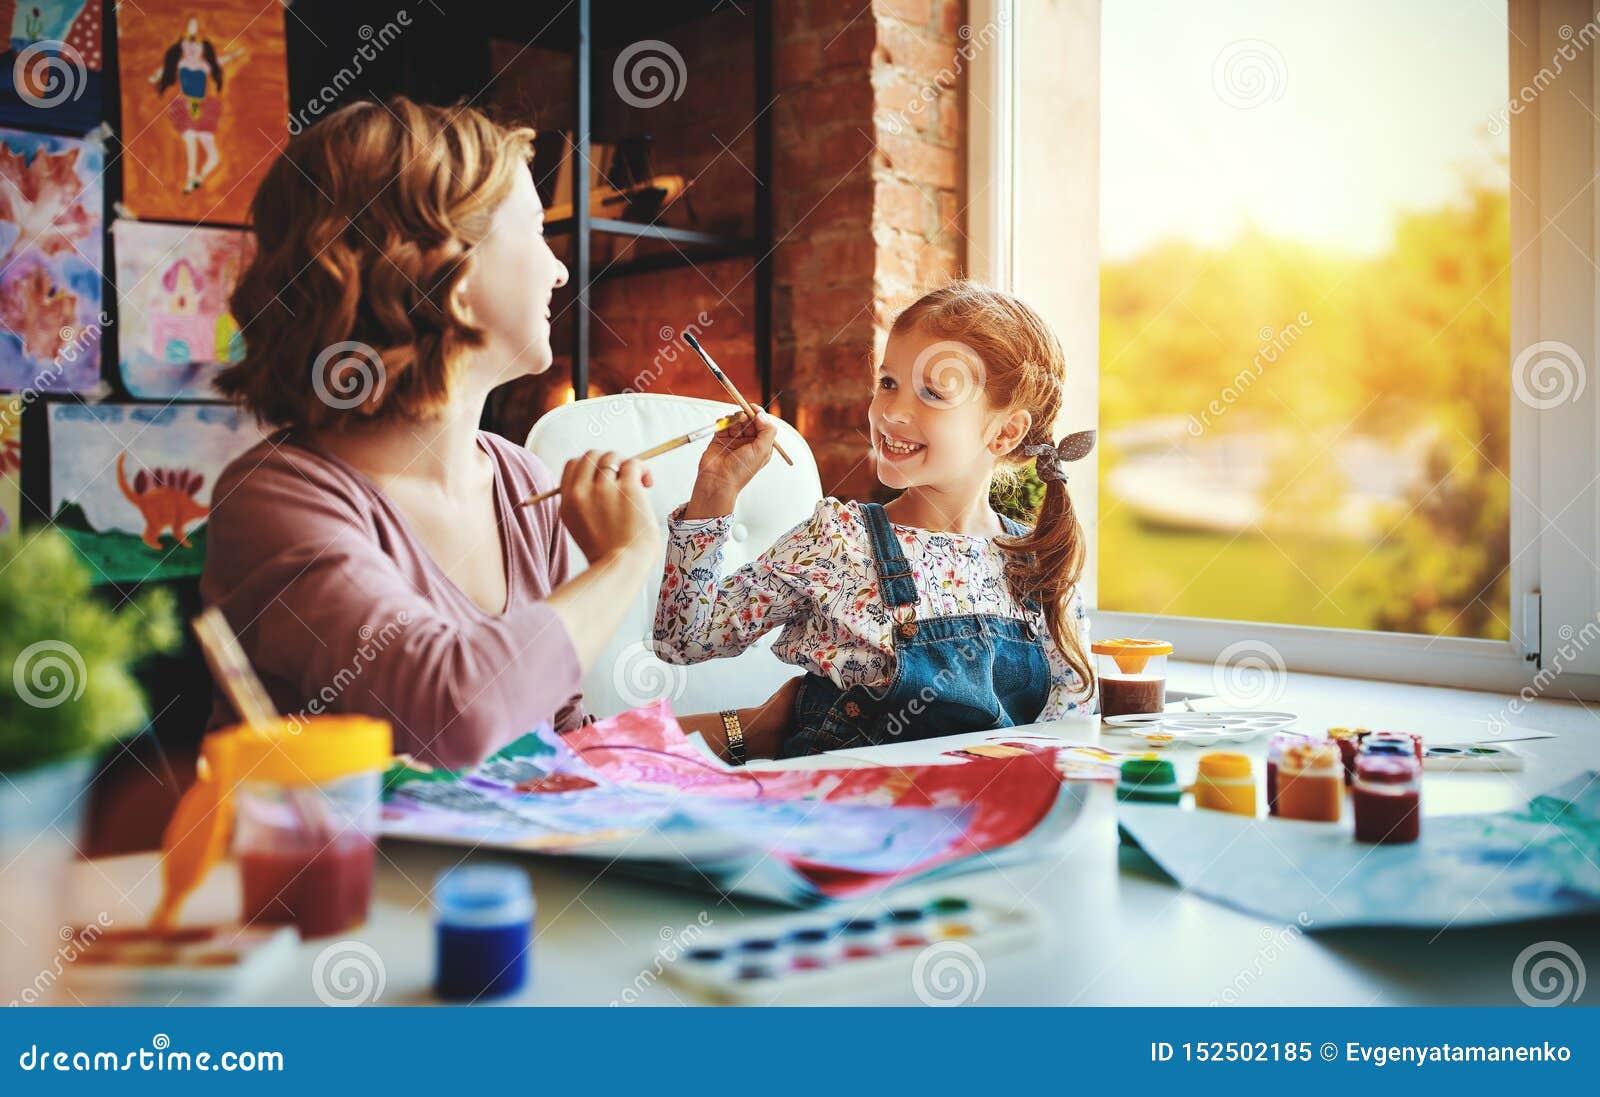 Matki i dziecka córki obrazu remisy w twórczości w dziecinu